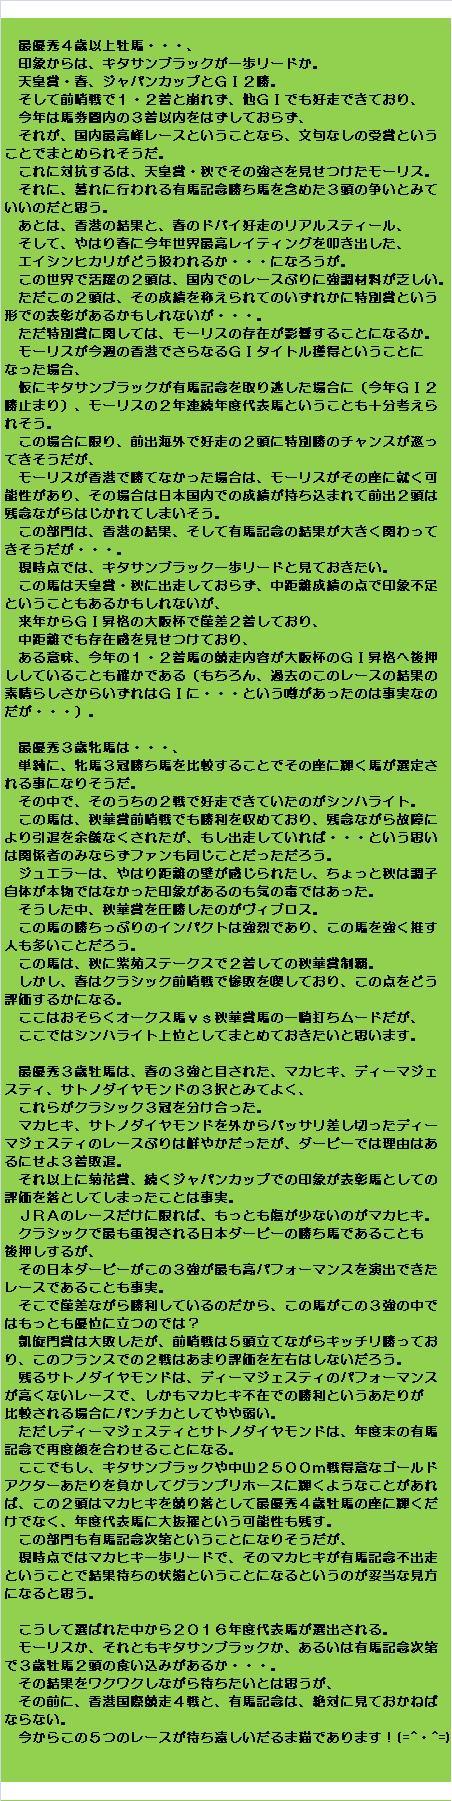 20161207・2016年振り帰り(1)~その1~②.jpg